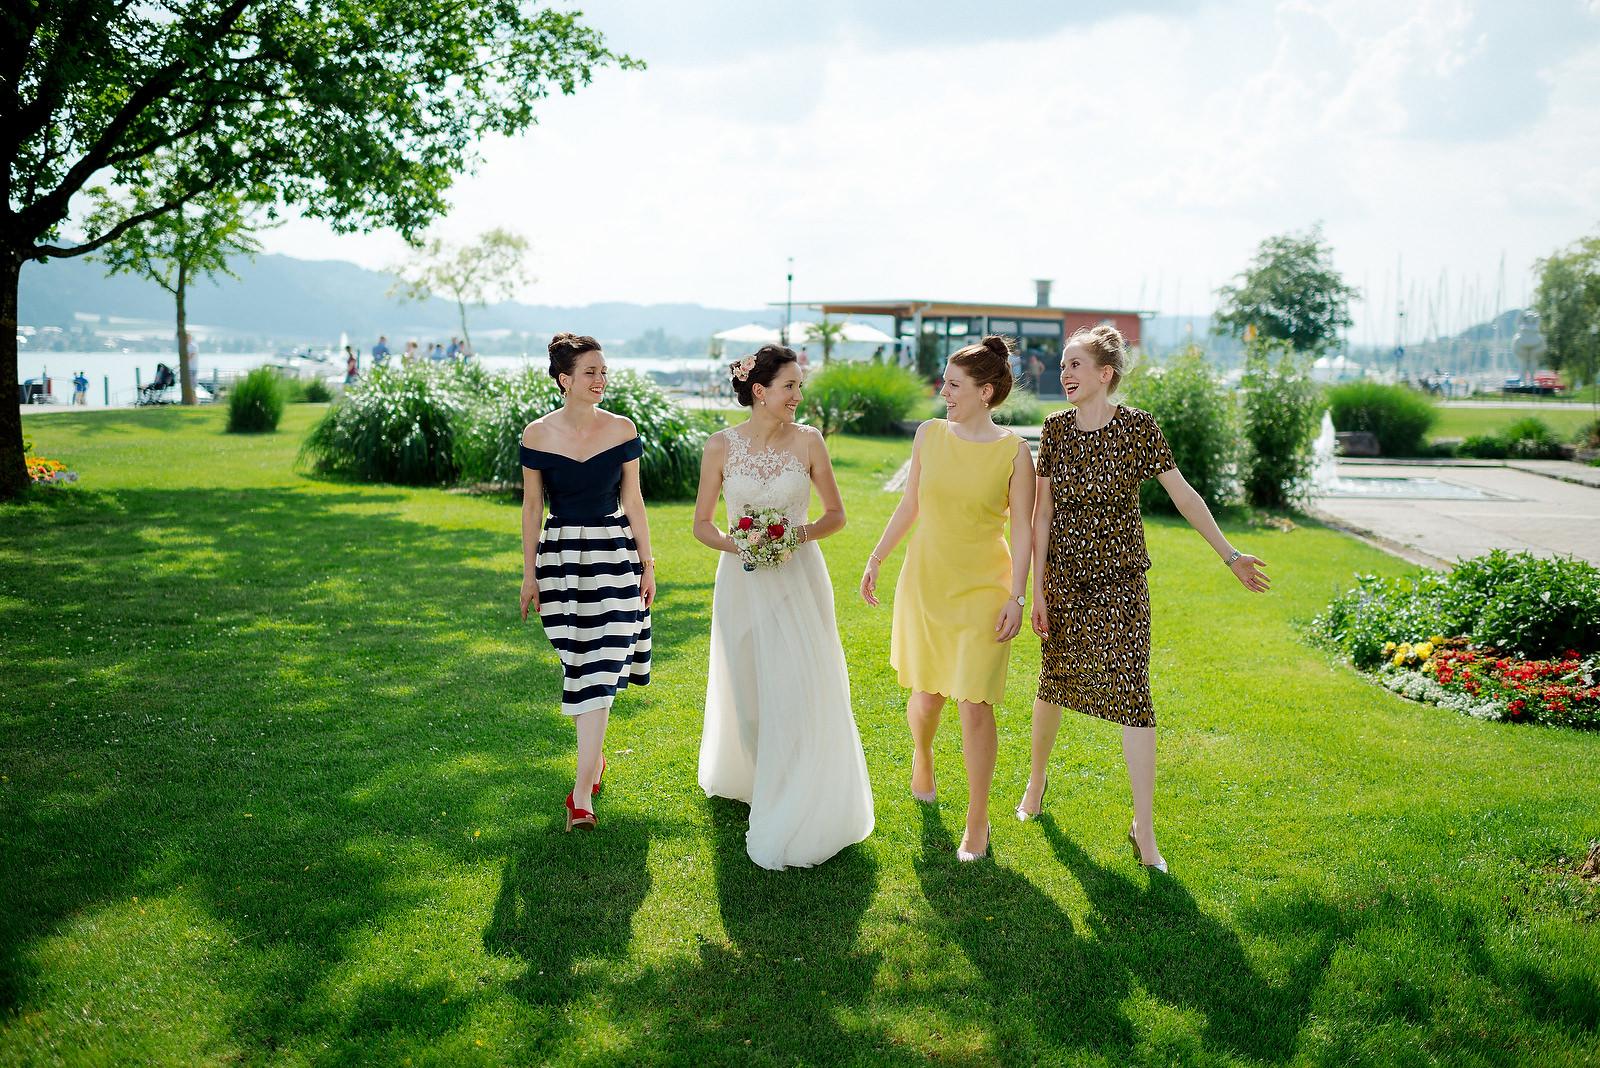 Fotograf Konstanz - Hochzeitsfotograf Bodensee Zollhaus Ludwigshafen Hochzeit Konstanz EFP 044 - Hochzeitsreportage im Zollhaus in Bodman-Ludwigshafen, Bodensee  - 174 -